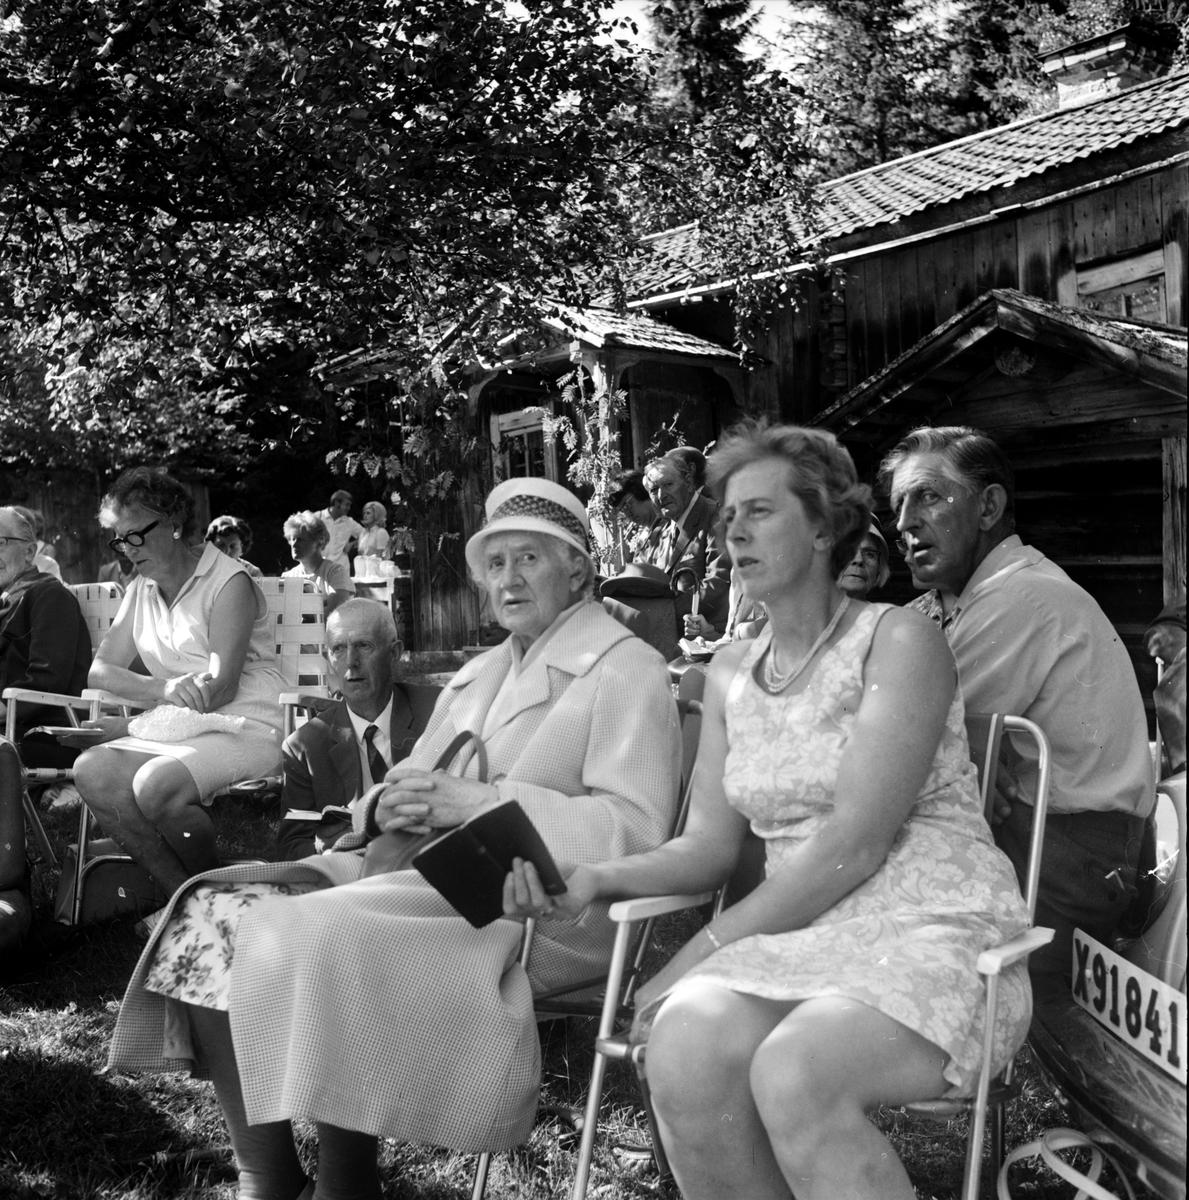 Arbrå, Gudstjänst på Möckelåsen, Augusti 1970